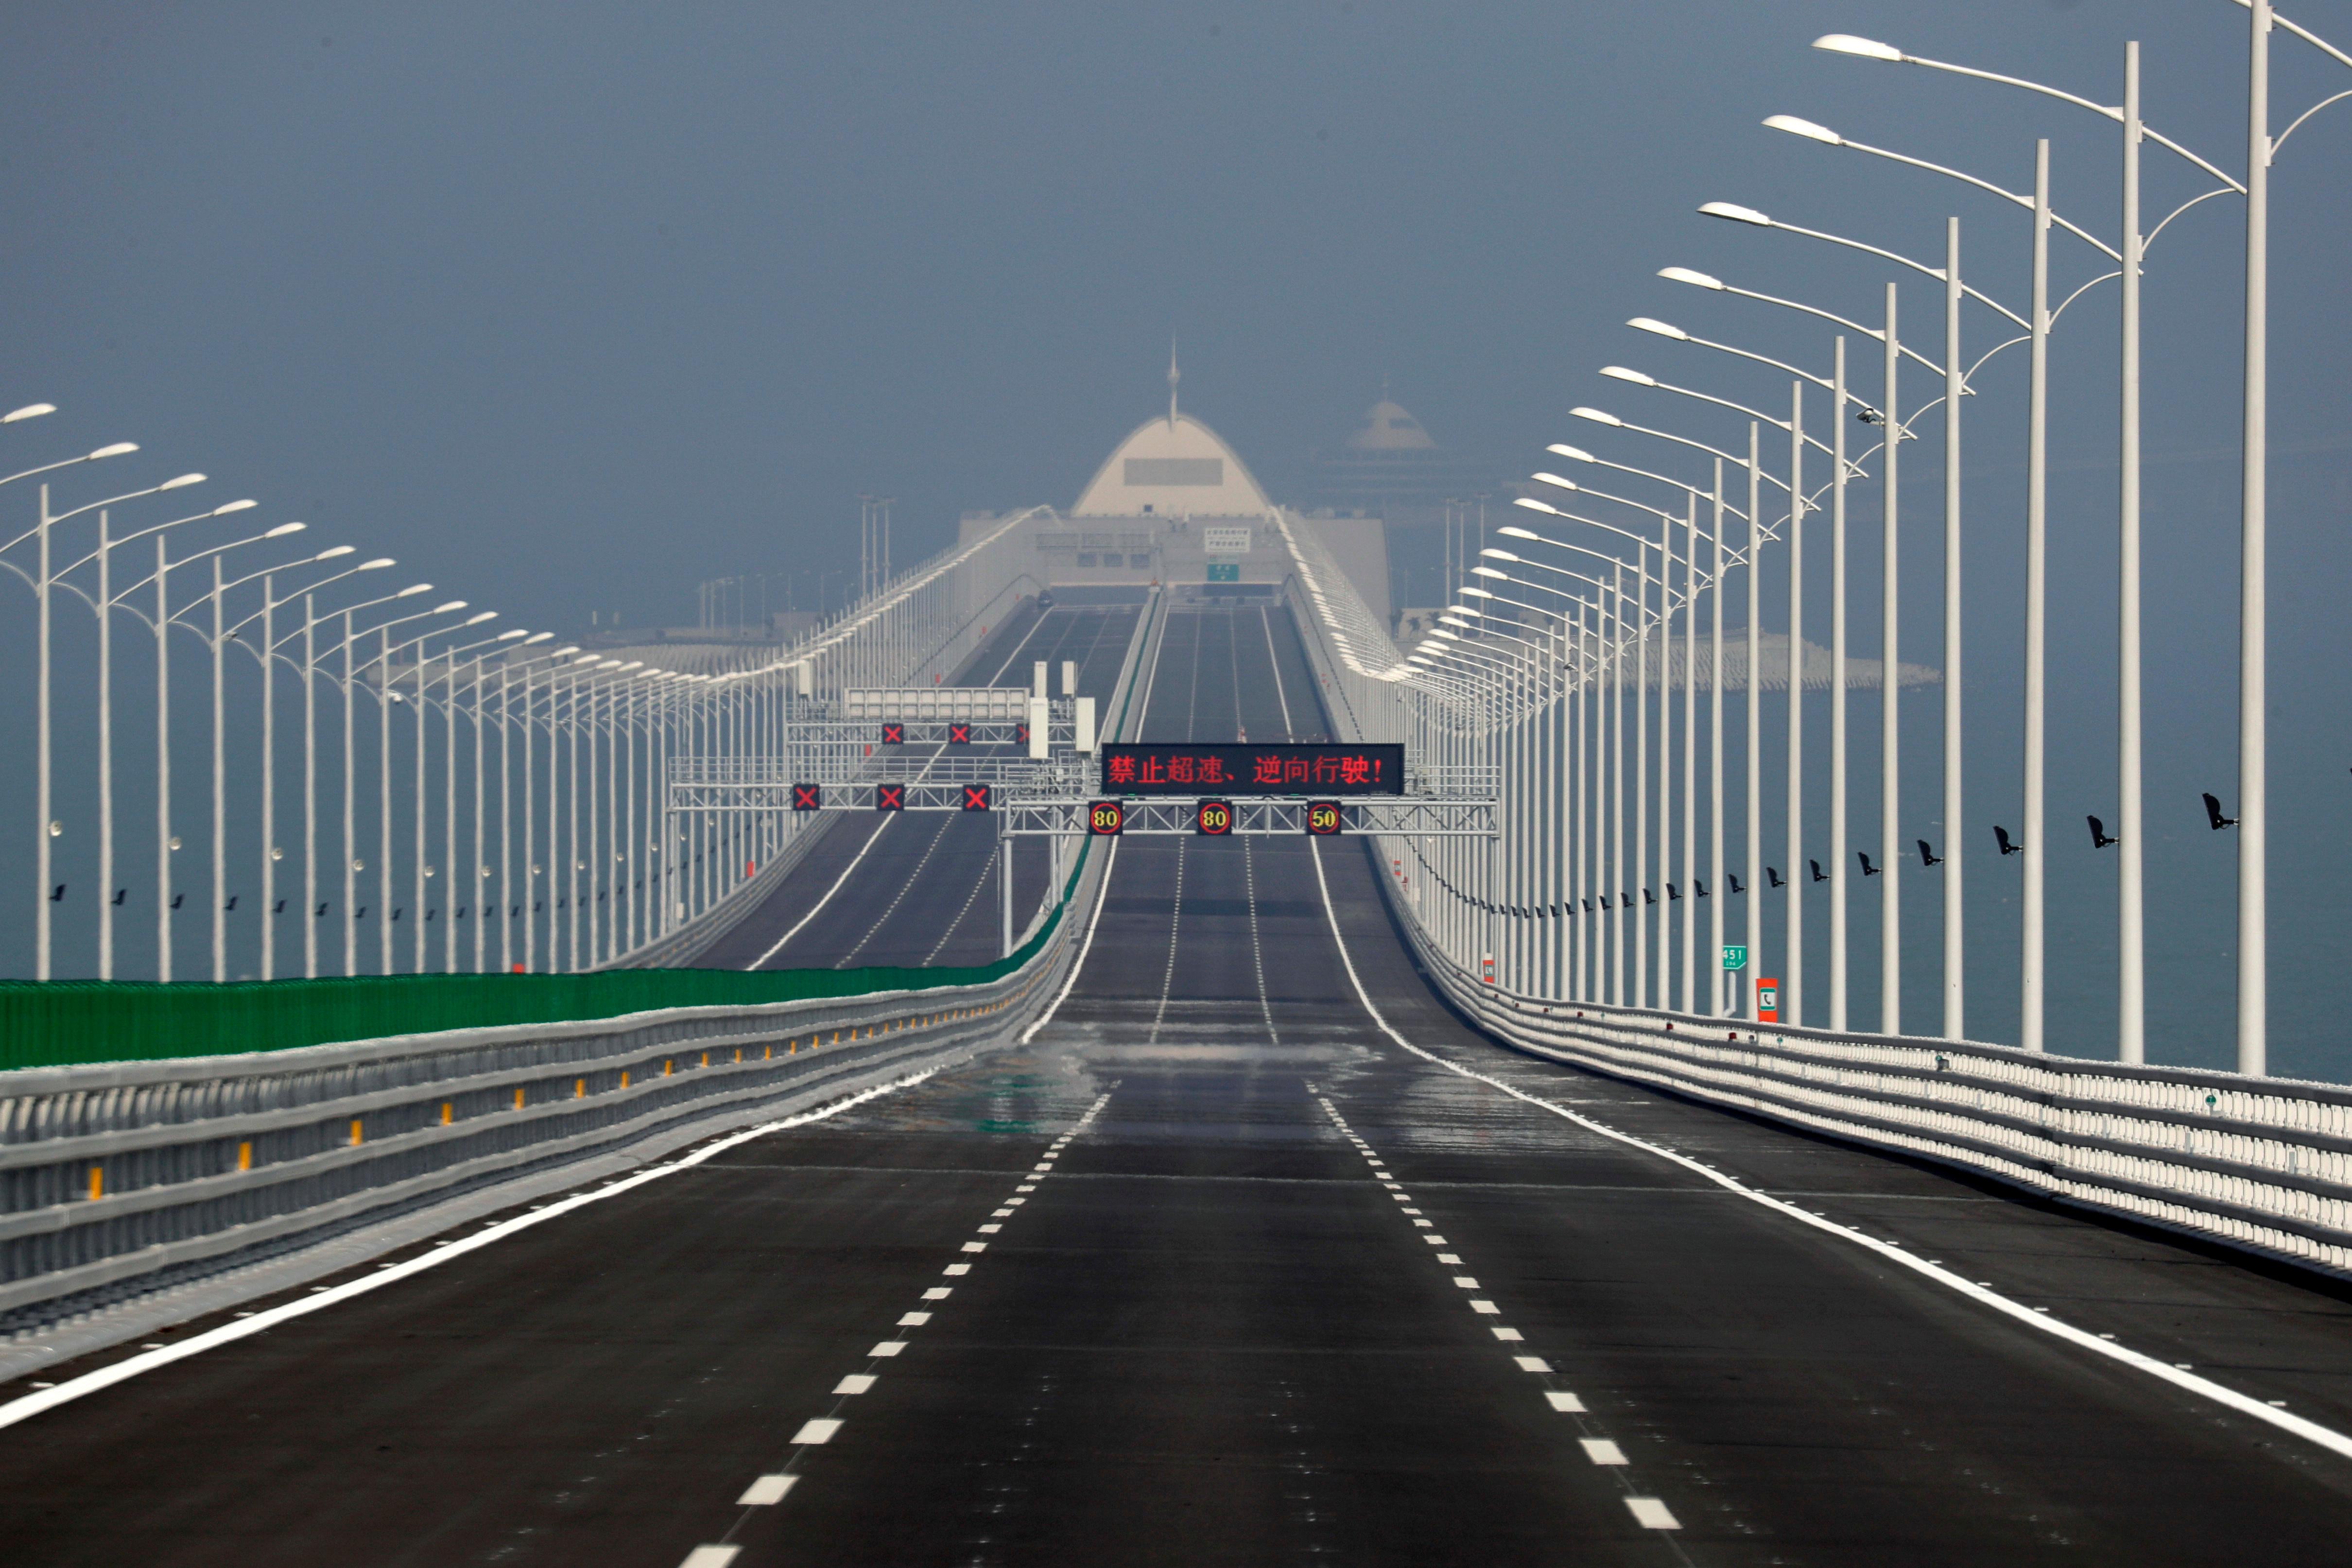 The Hong Kong-Zhuhai-Macau Bridge runs 55 km long.